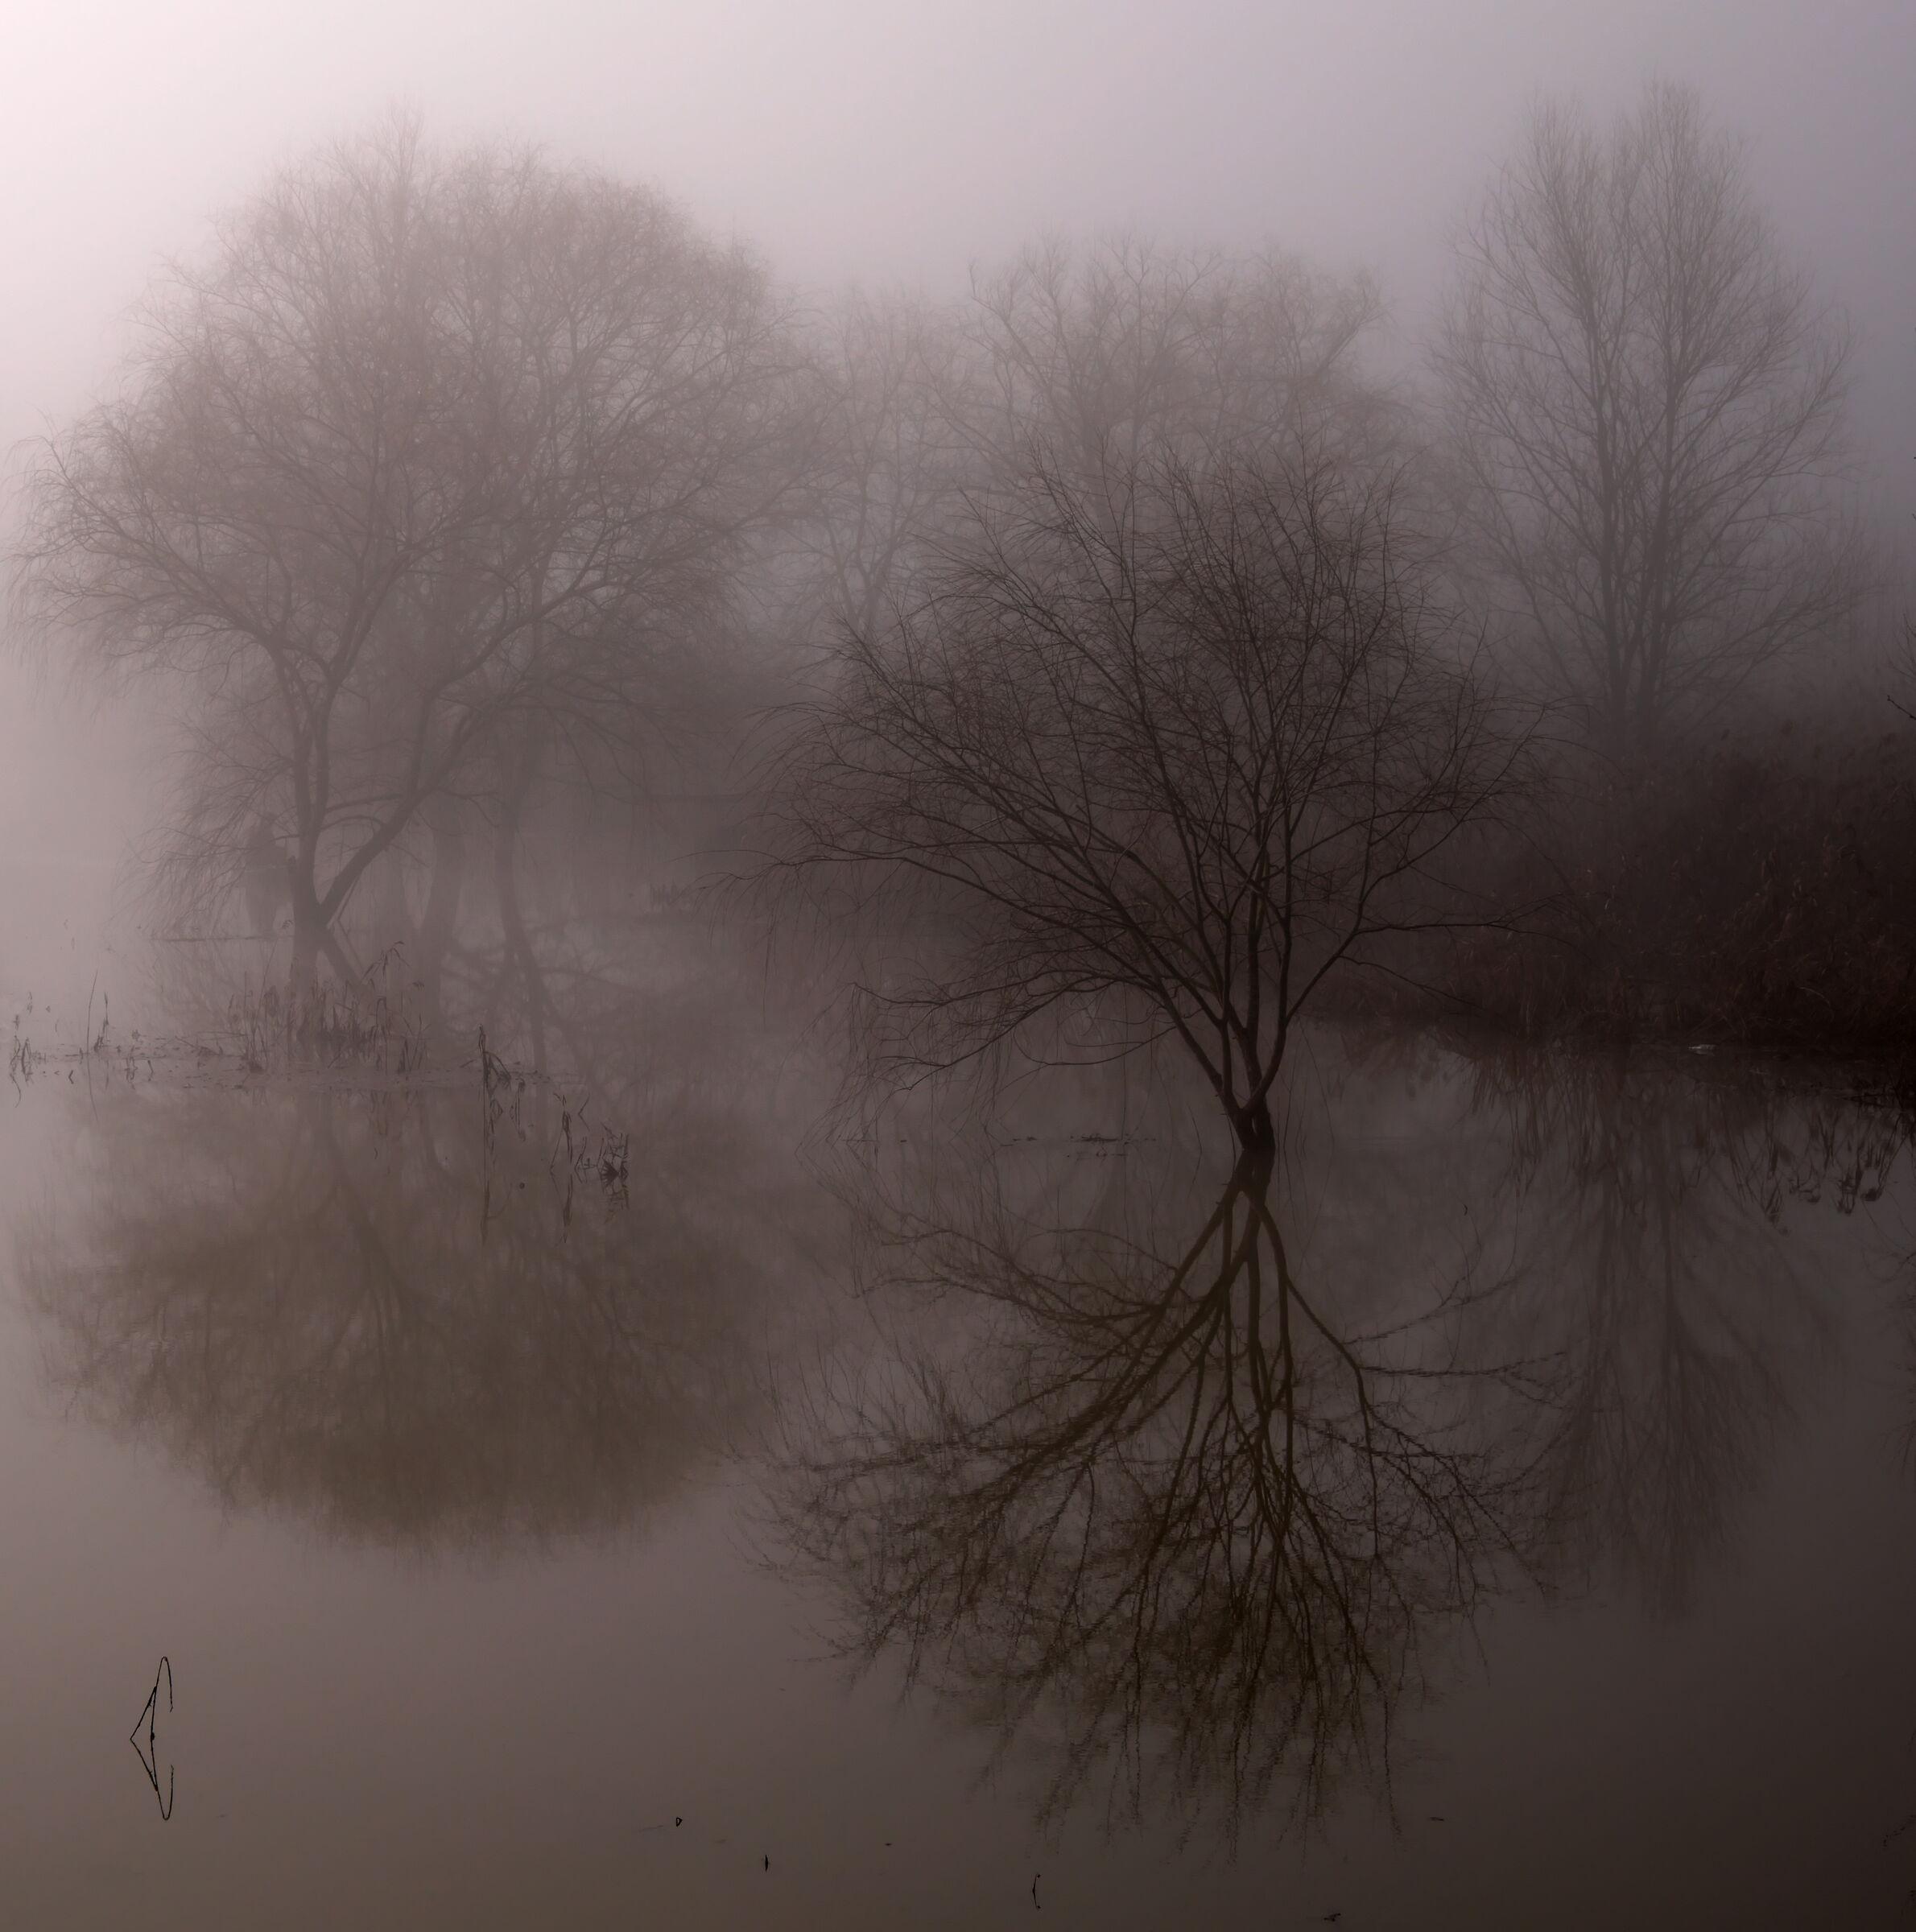 La nebbia si prende il padule...